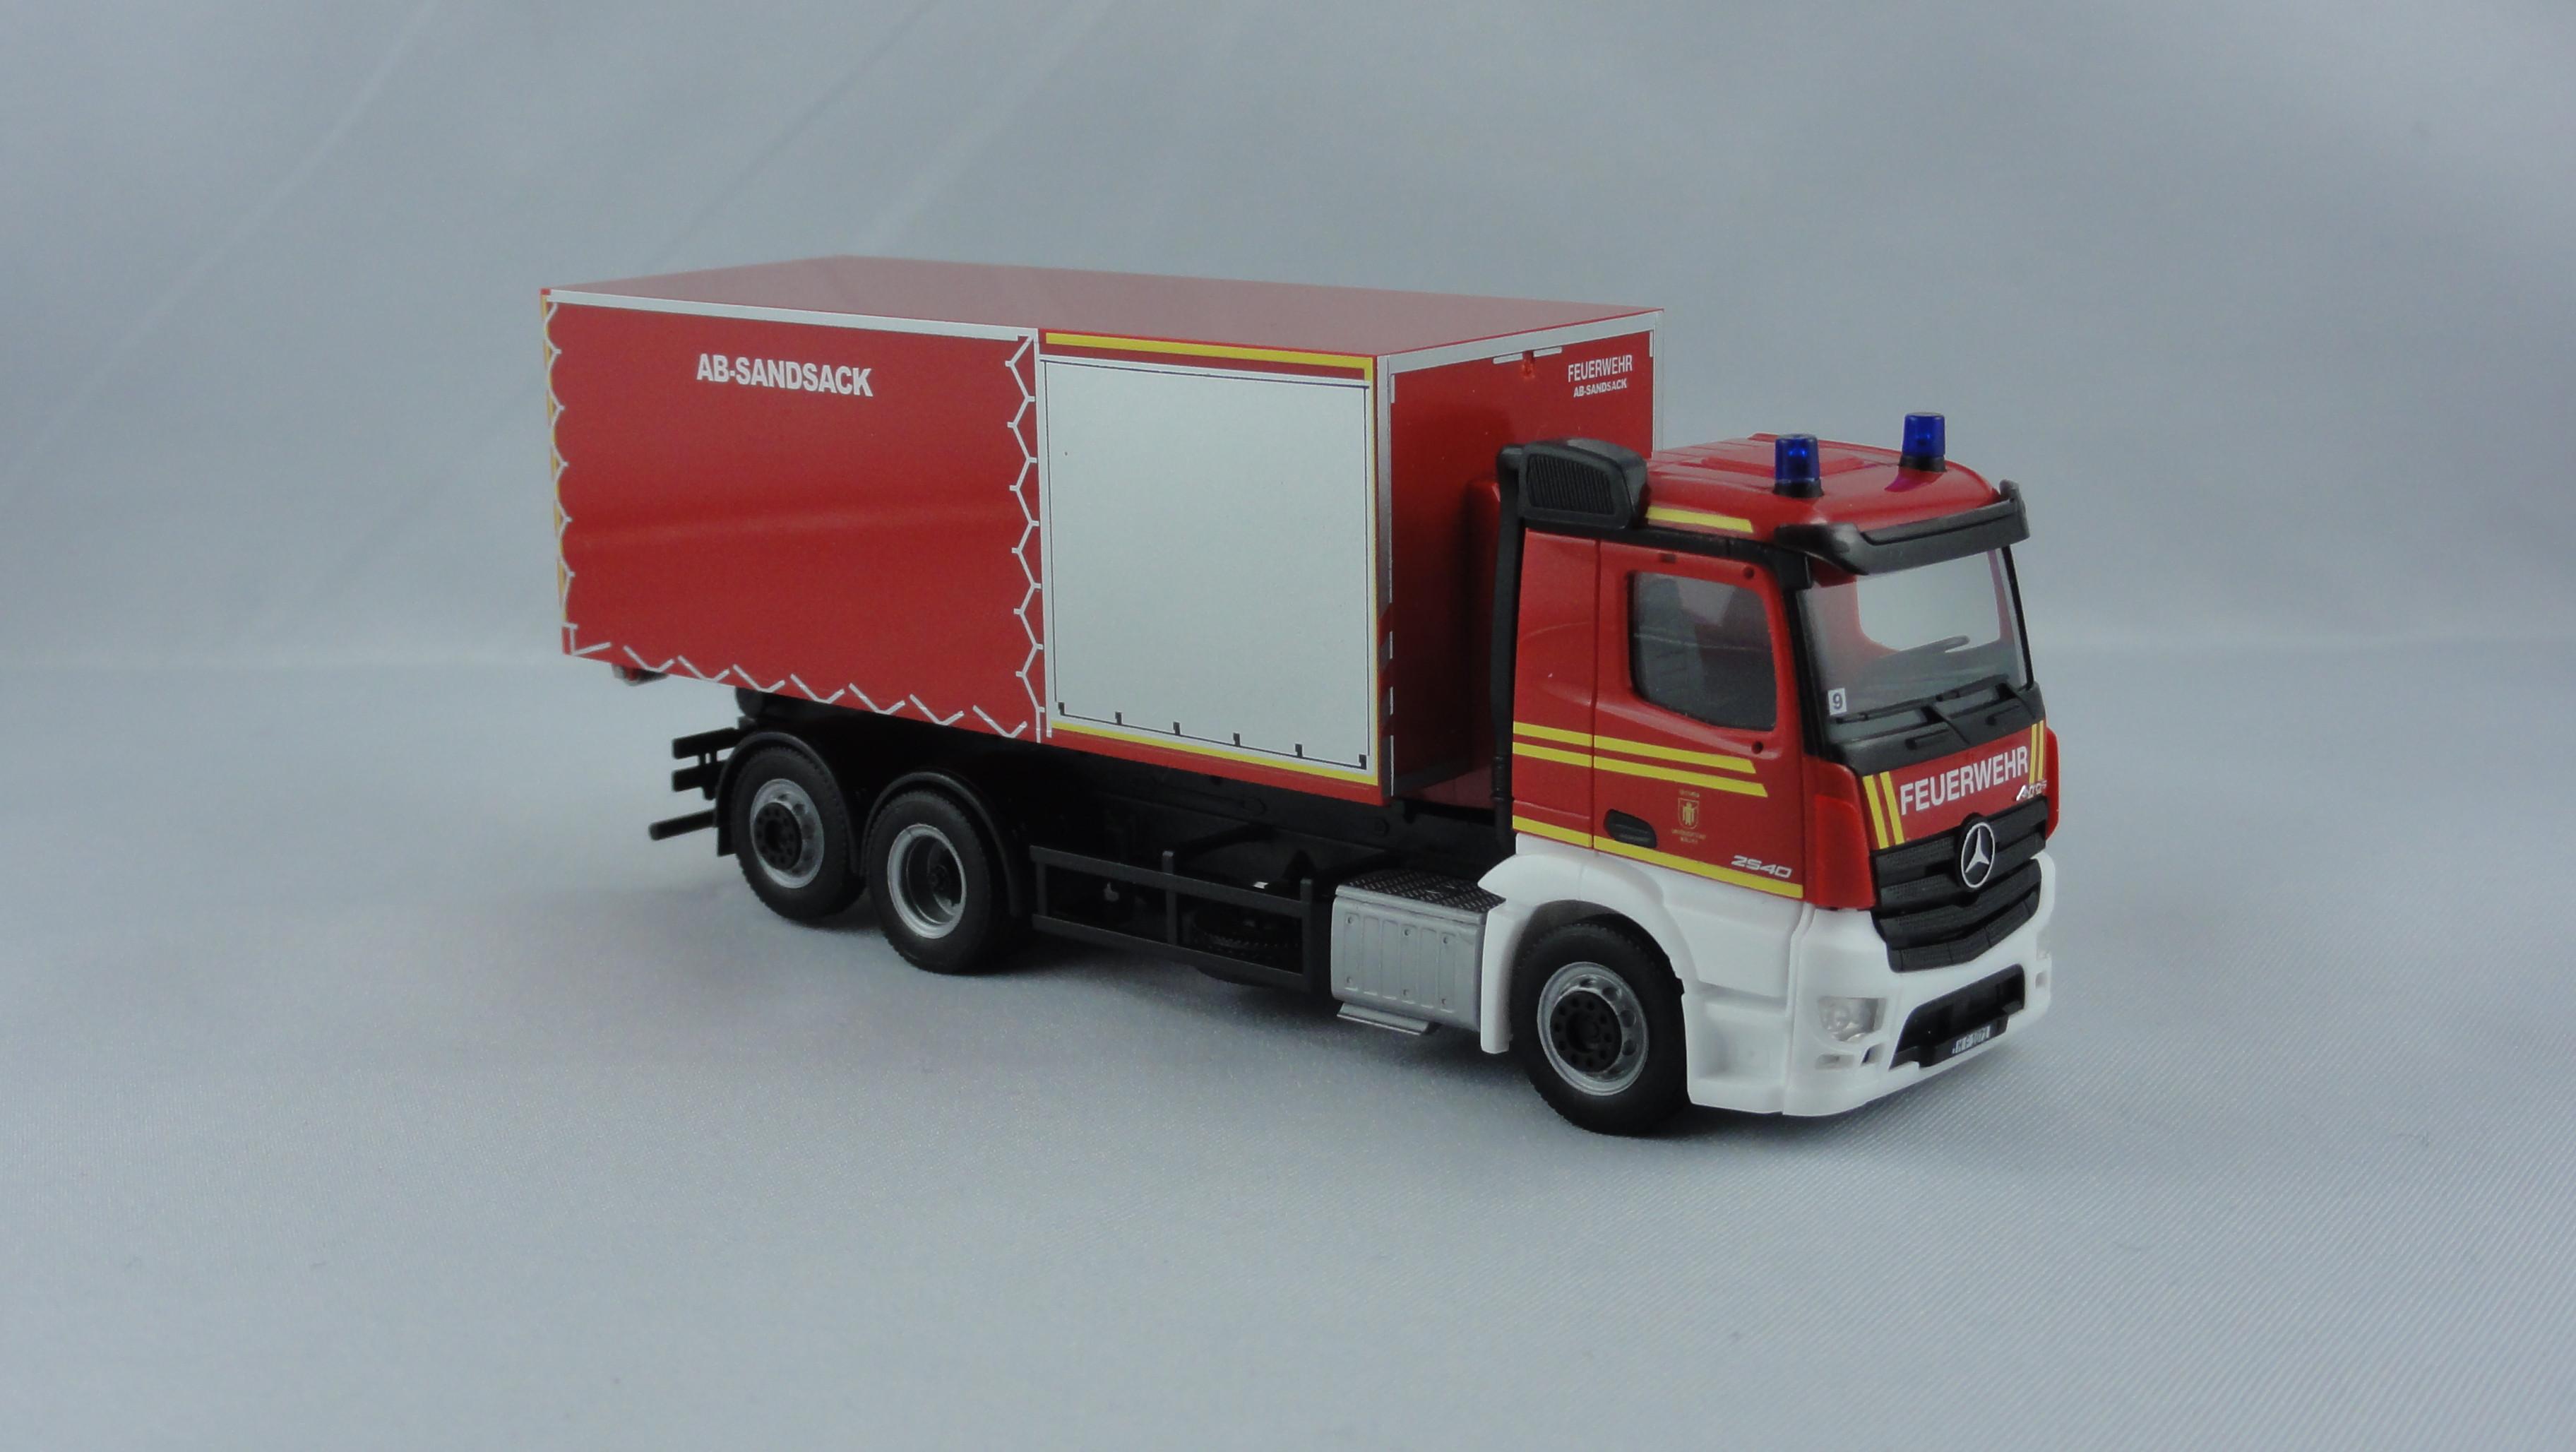 Herpa MB Antos M WLF Feuerwehr (BF) München  FW 9 mit AB Sandsack ( Sondermodell )